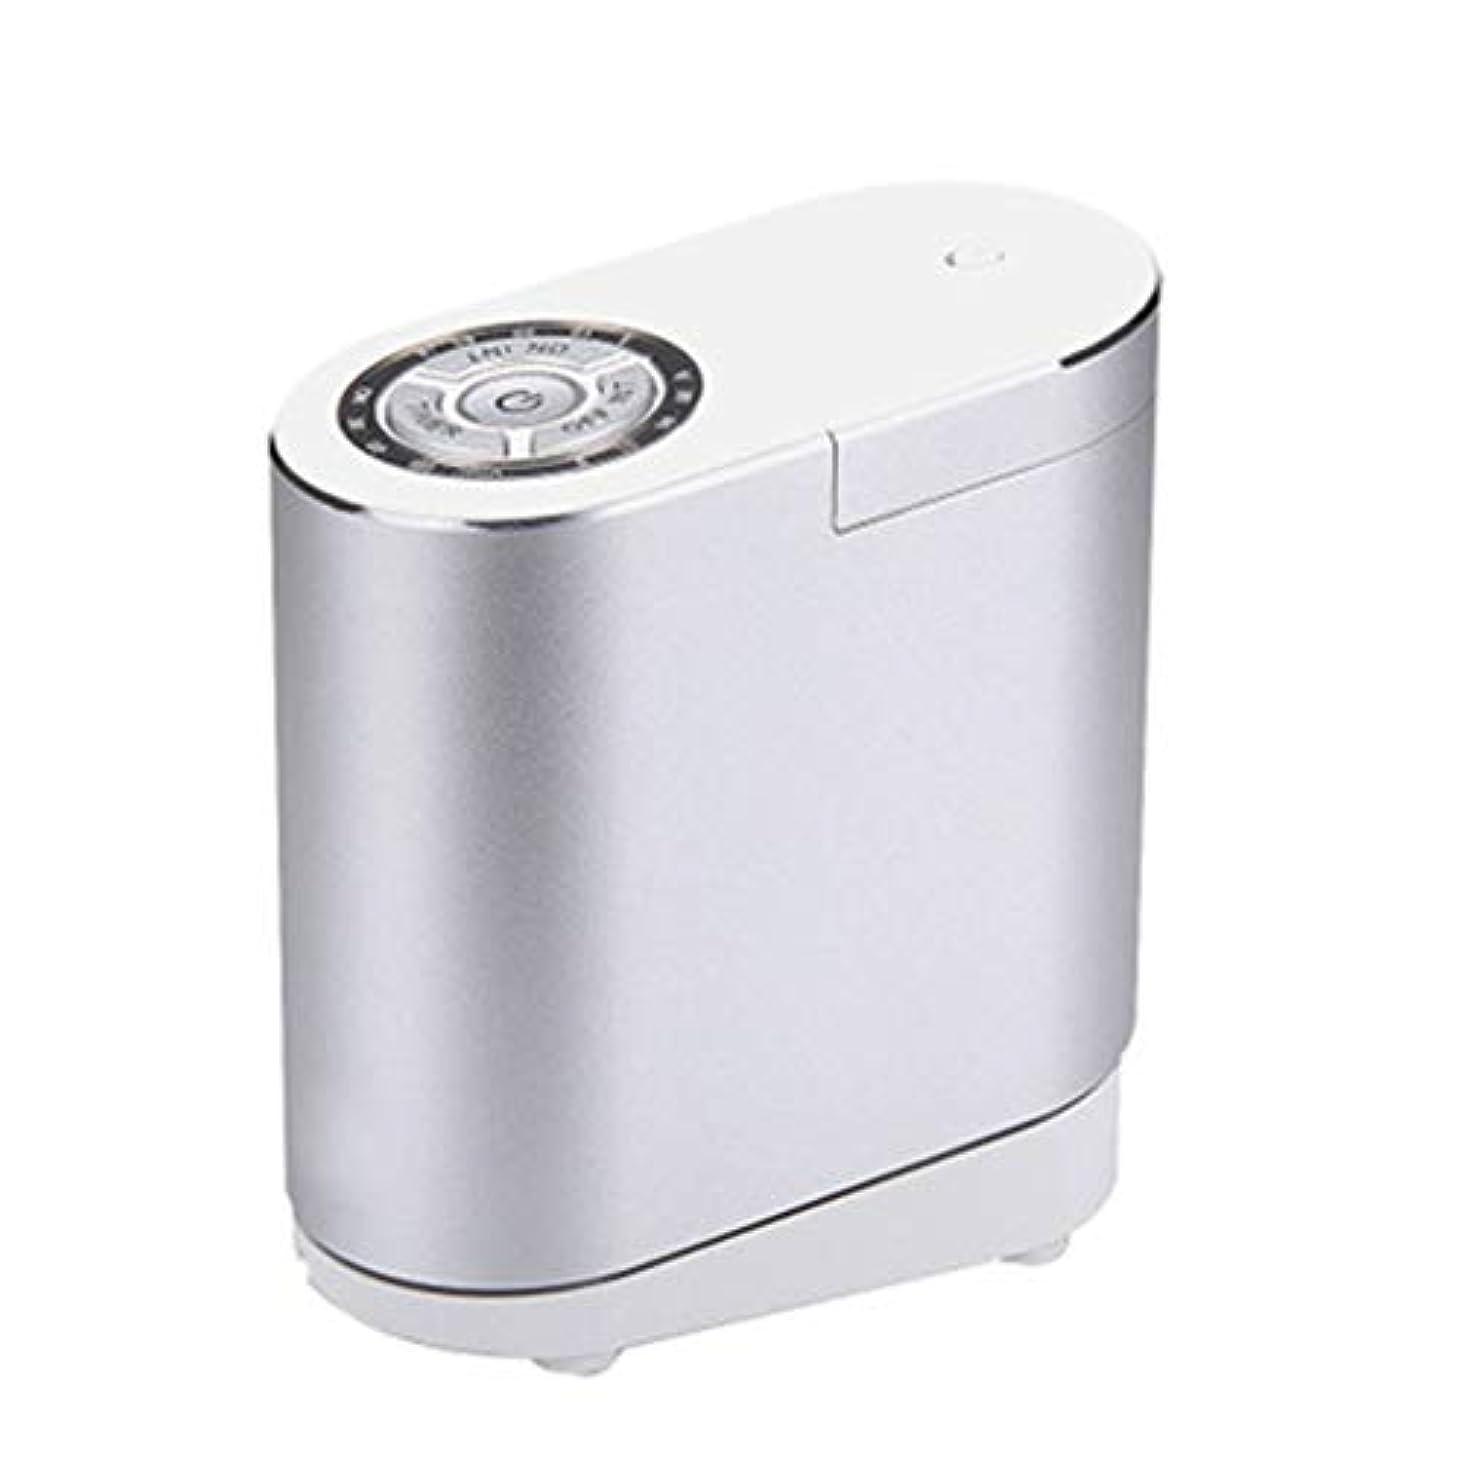 ただ起こる詳細にクールミスト空気加湿器、30ミリリットルディフューザーエアコン、4Sショップのリビングルームの研究寝室のオフィスに適して (Color : Silver)